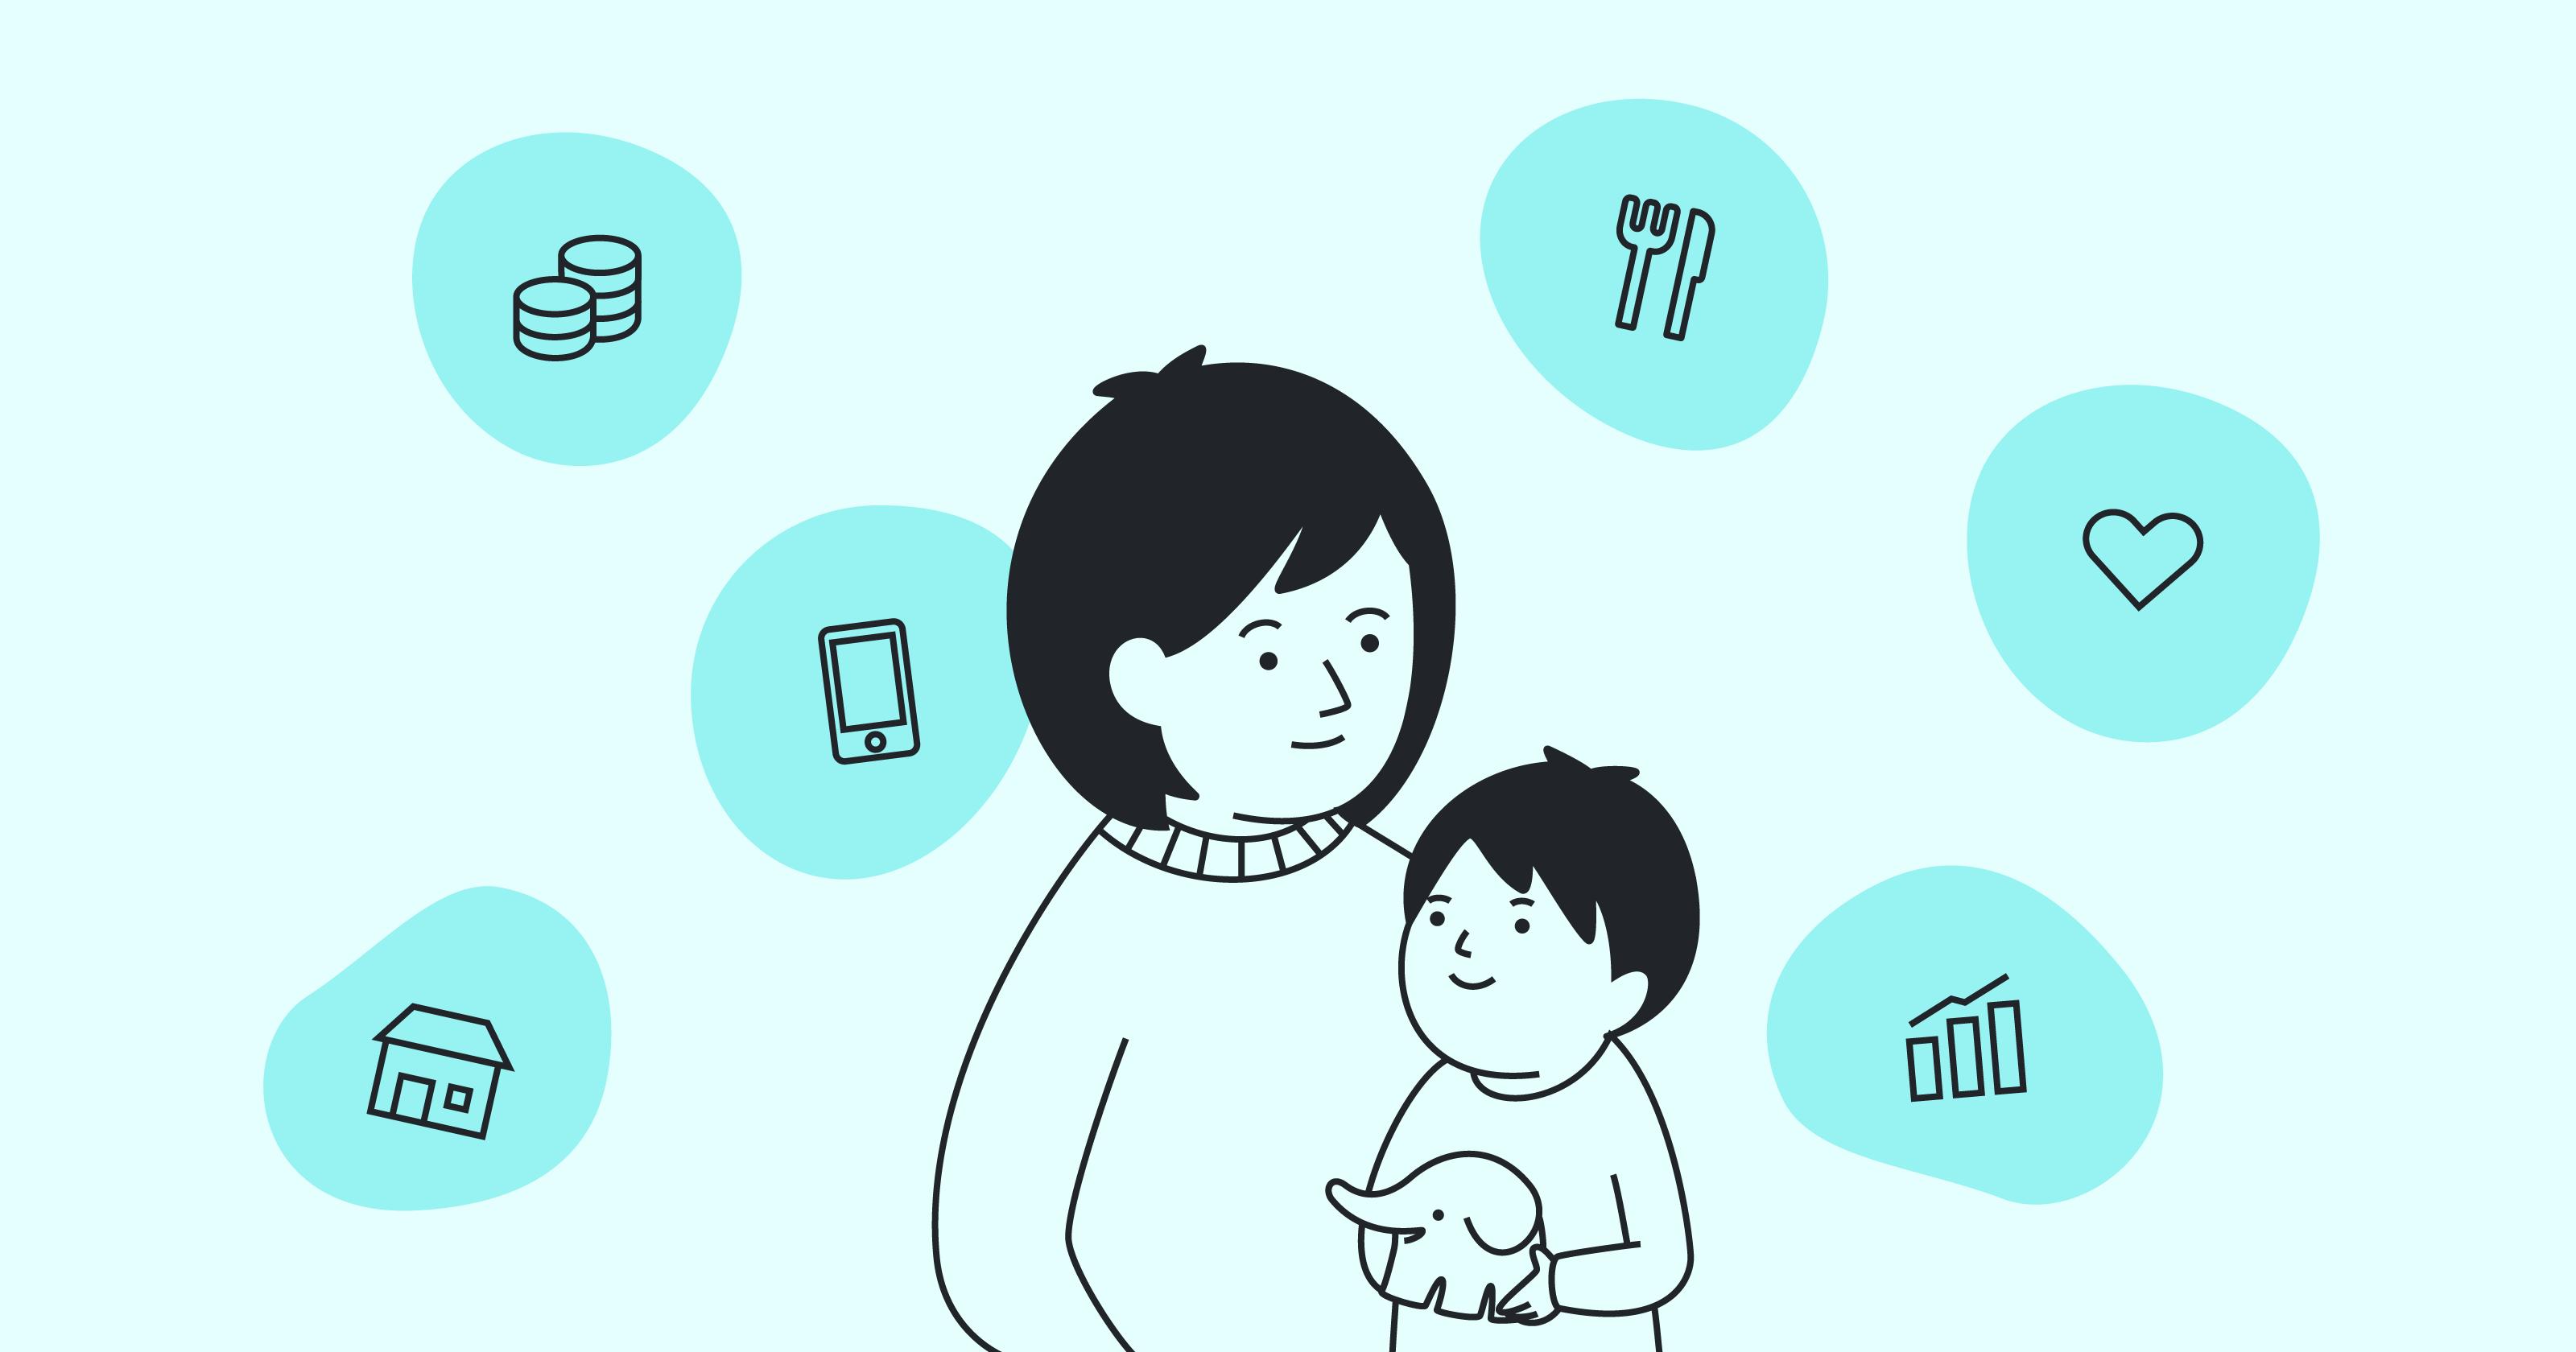 パート勤務のシングルマザー、子どもの進学を見据え手取りから貯金を増やすには-  FPに聞く資産形成シリーズ